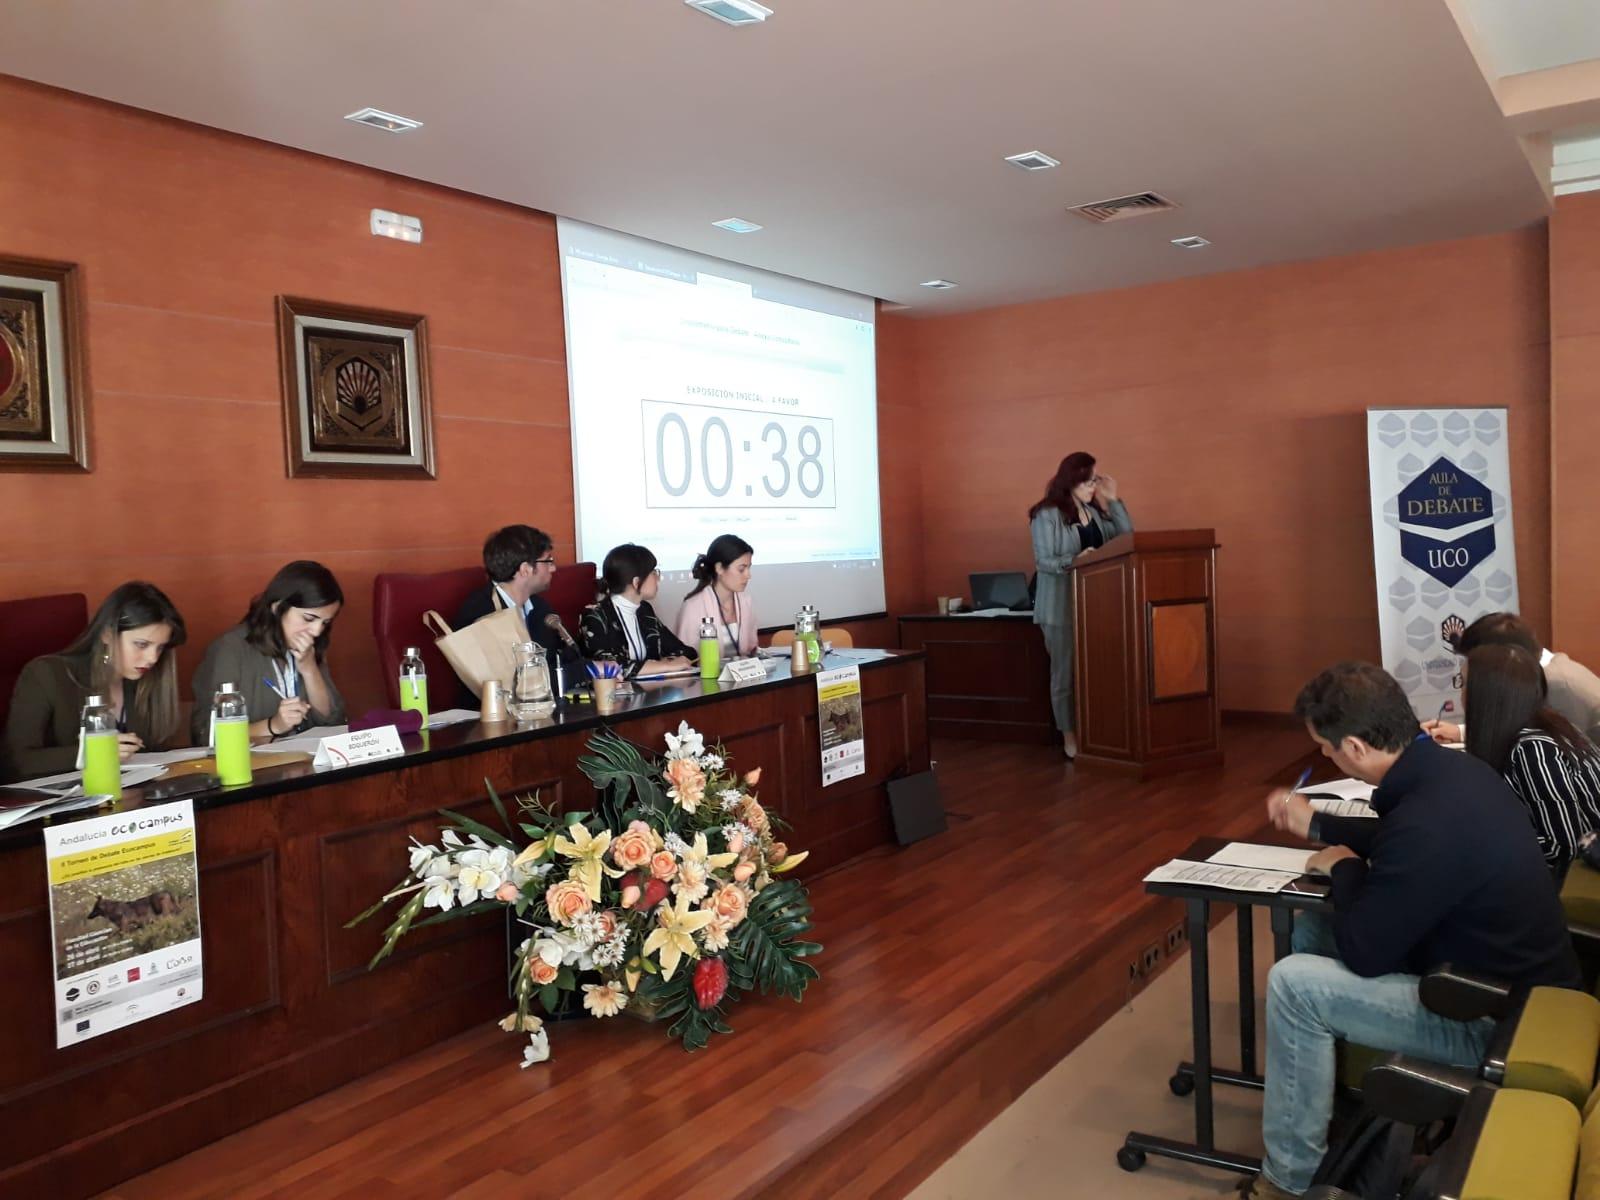 Torneo Debate Ecocampus de la UCO